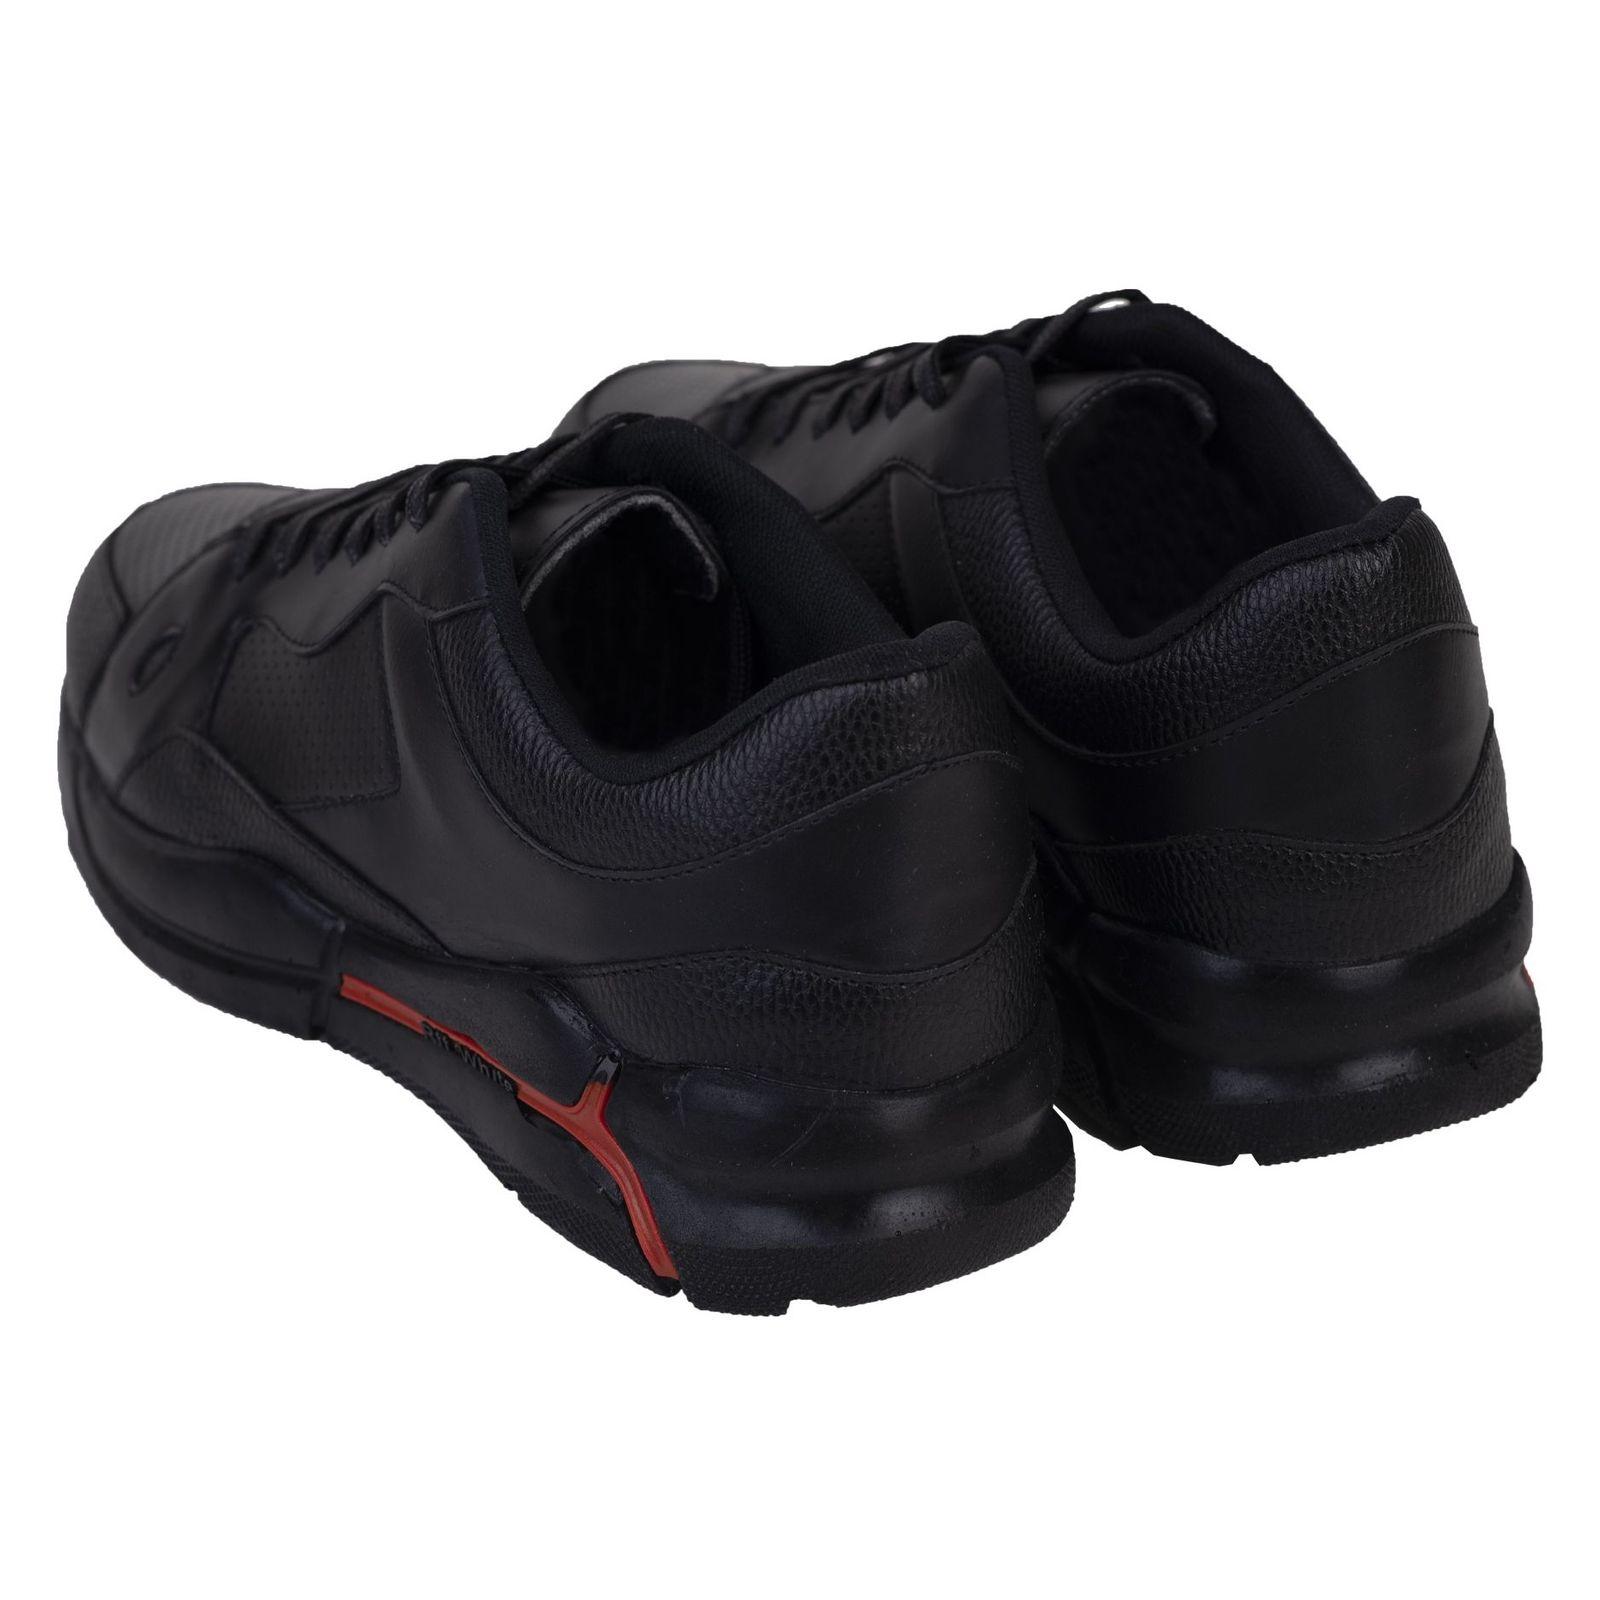 کفش مخصوص پیاده روی مردانه کد 700544 main 1 3